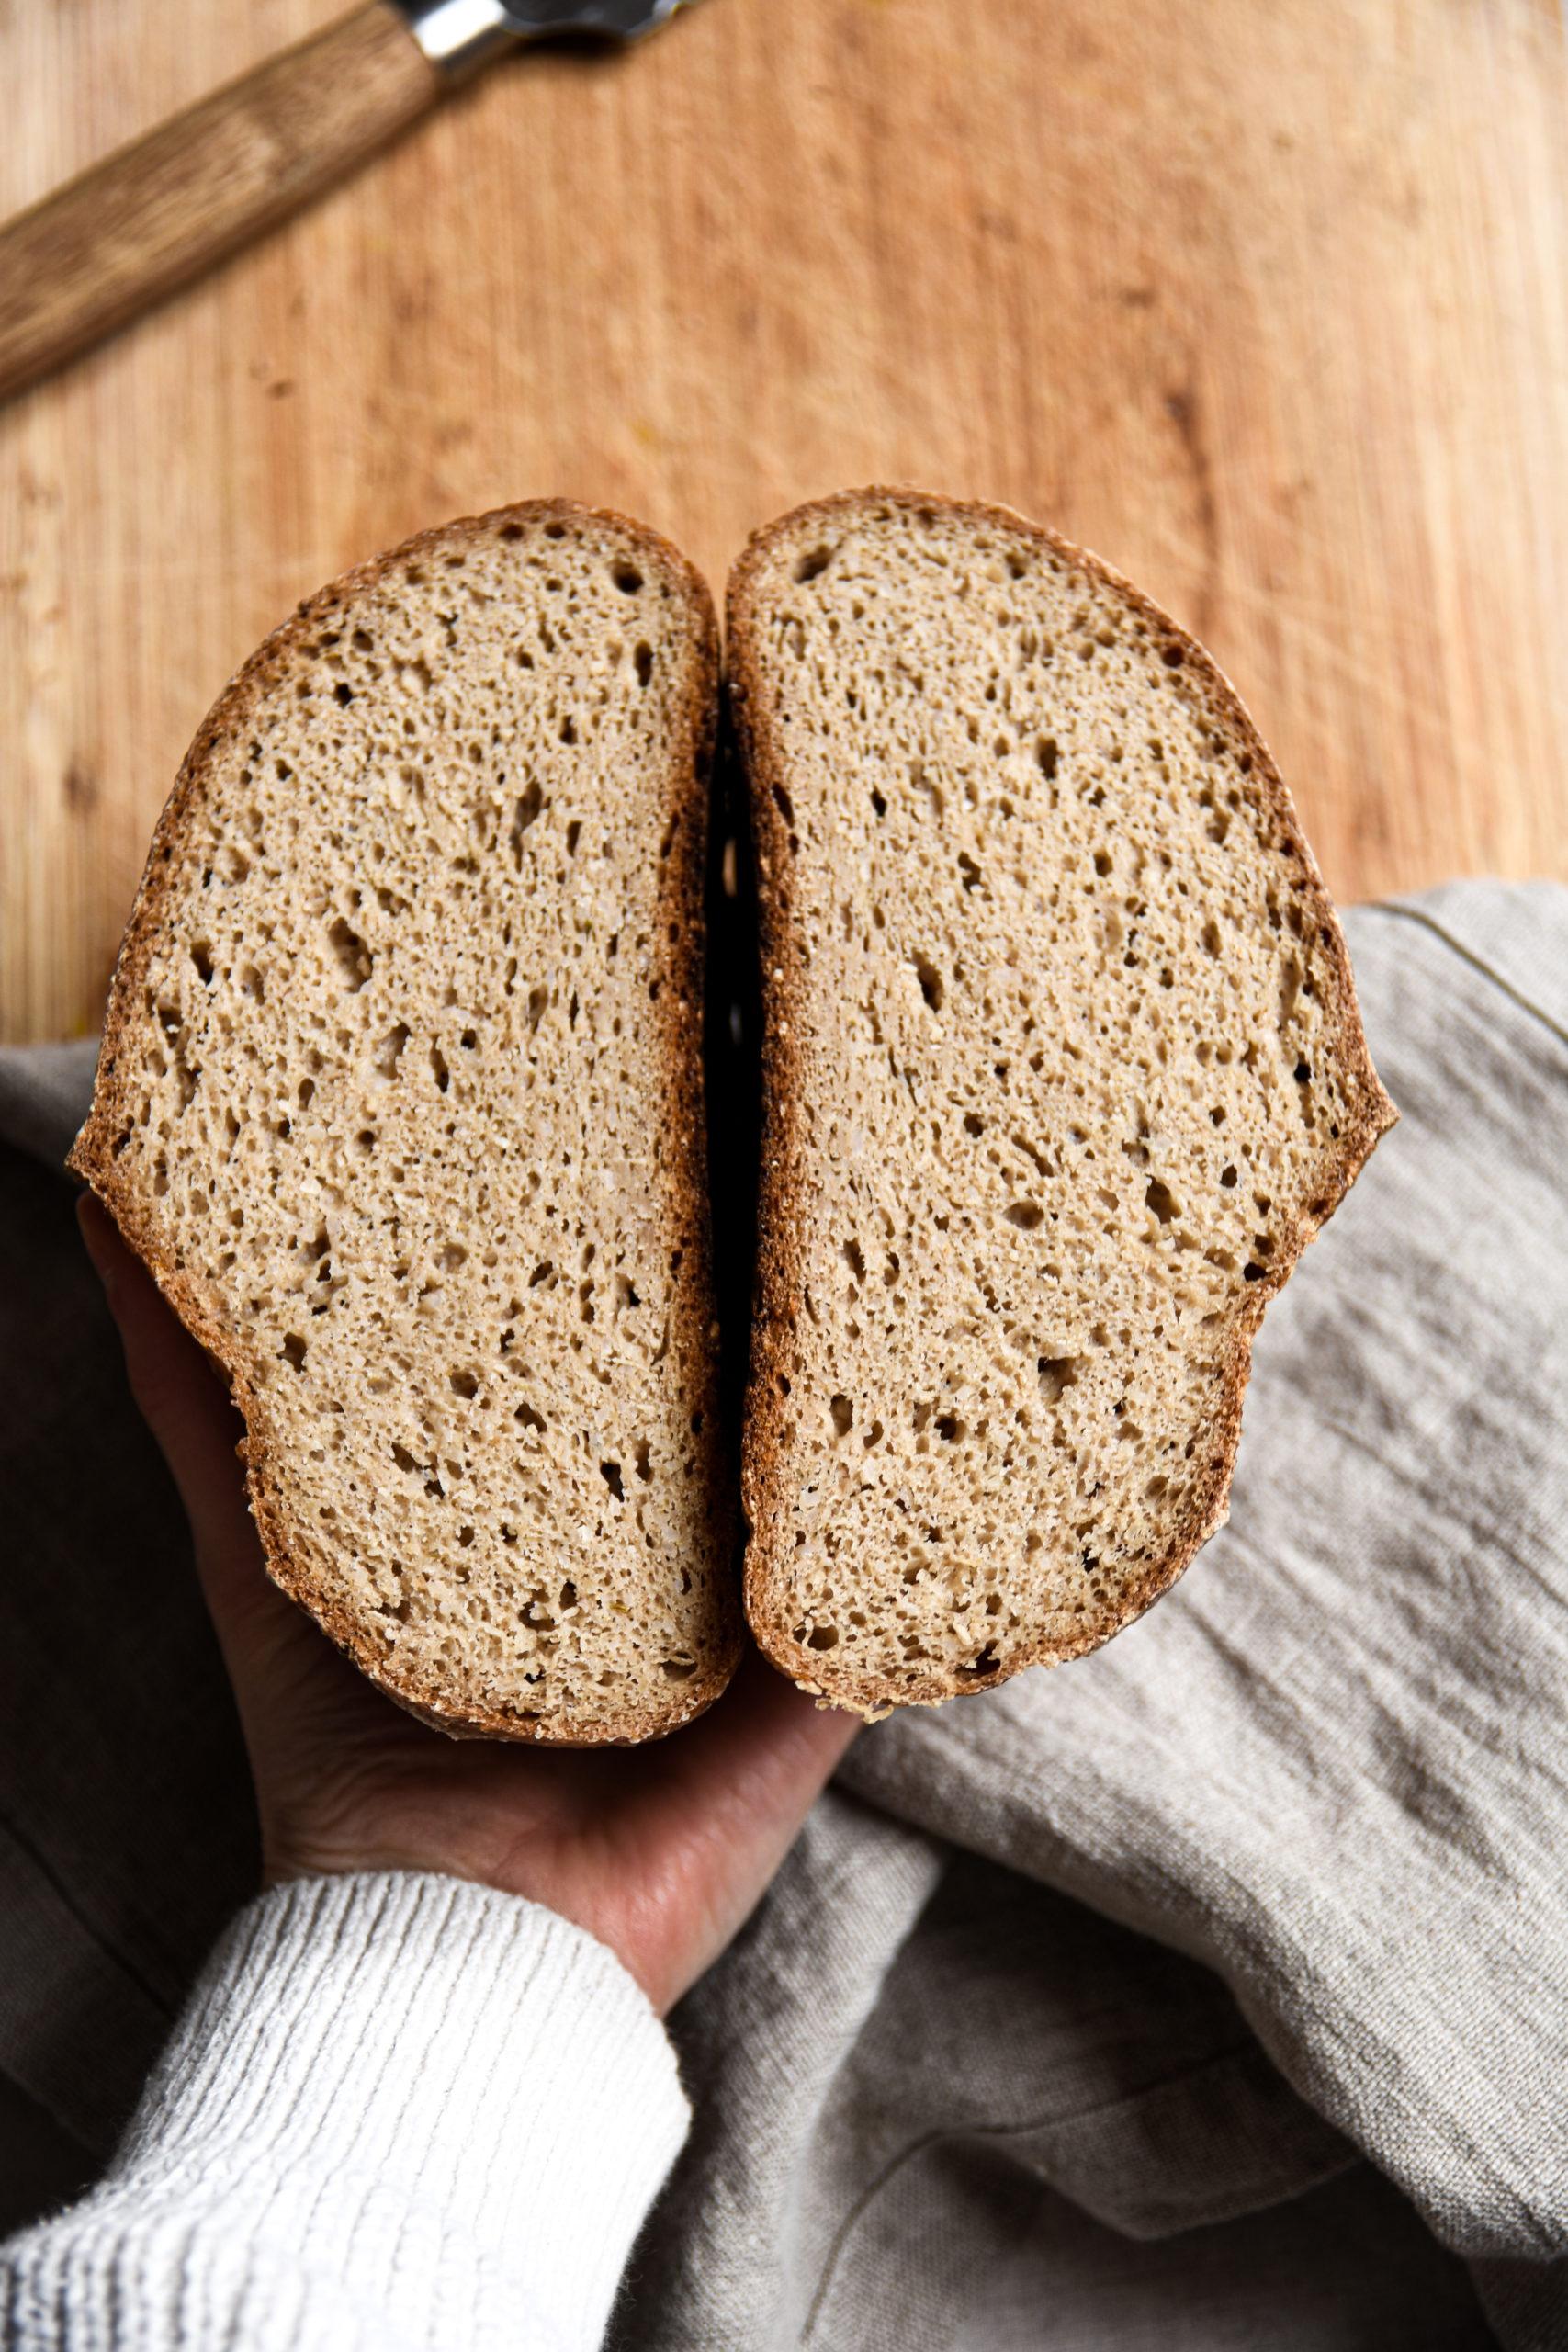 Brot von Innen nach dem Rezept für glutenfreies Sauerteigbrot